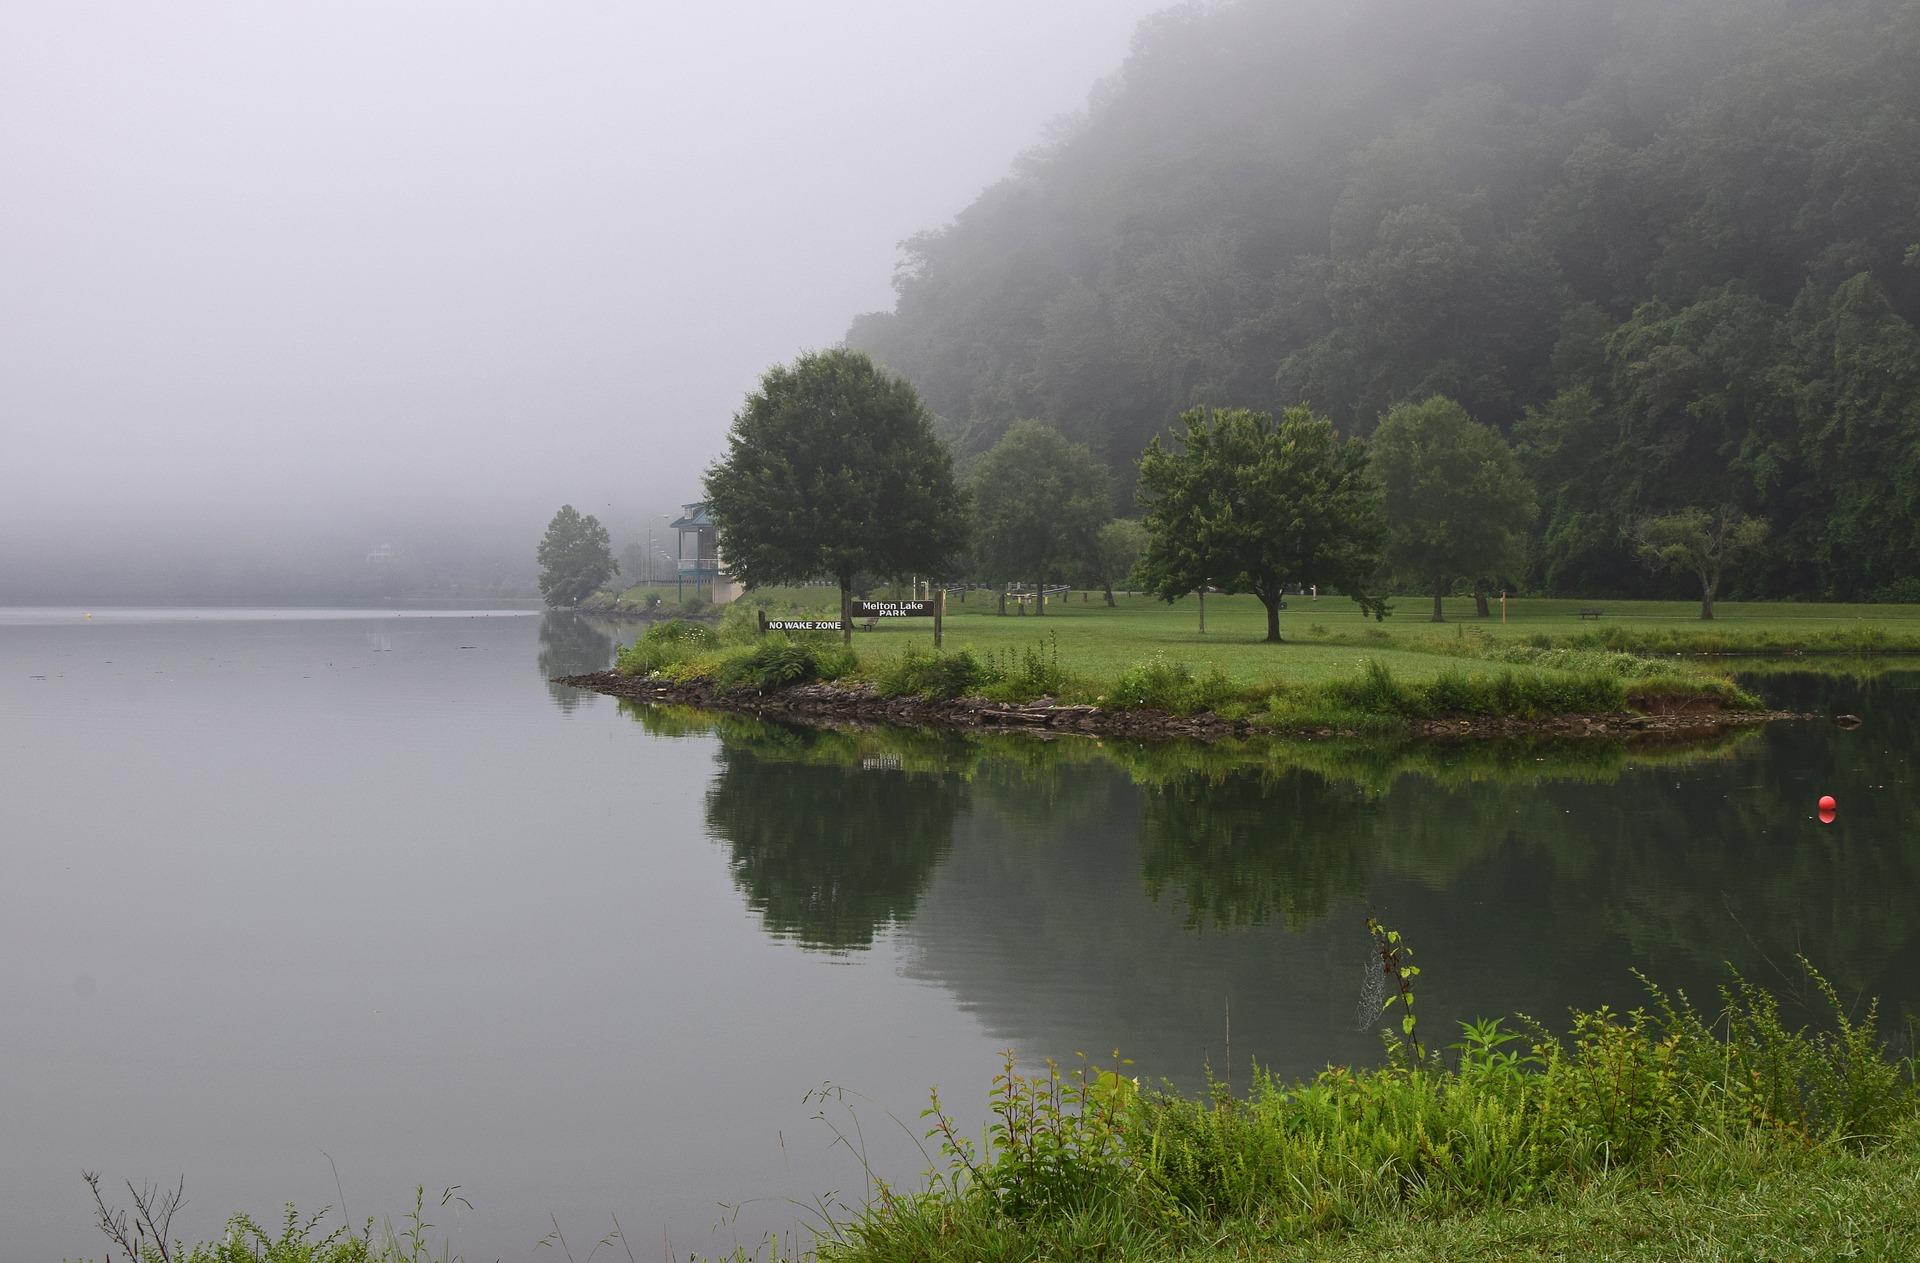 melton-lake-park-in-the-fog-2476264_1920